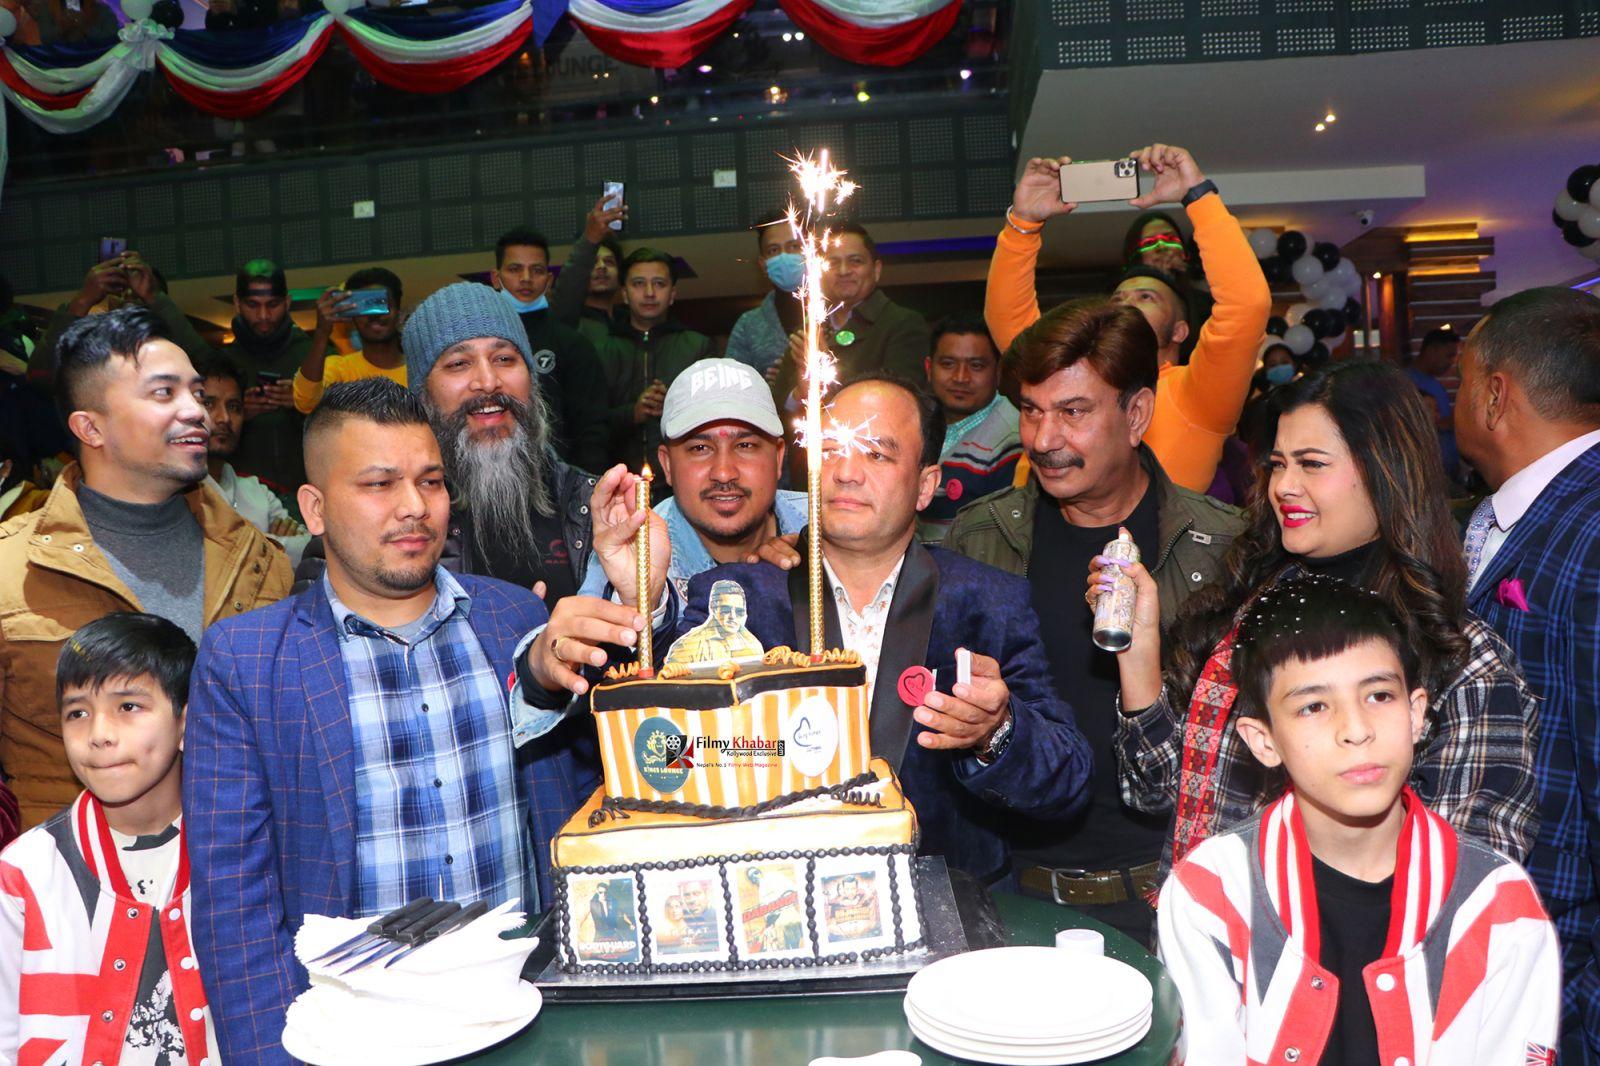 बलिउडका सलमानकाे काठमाडौंमा जन्मदिन सेलिब्रेट